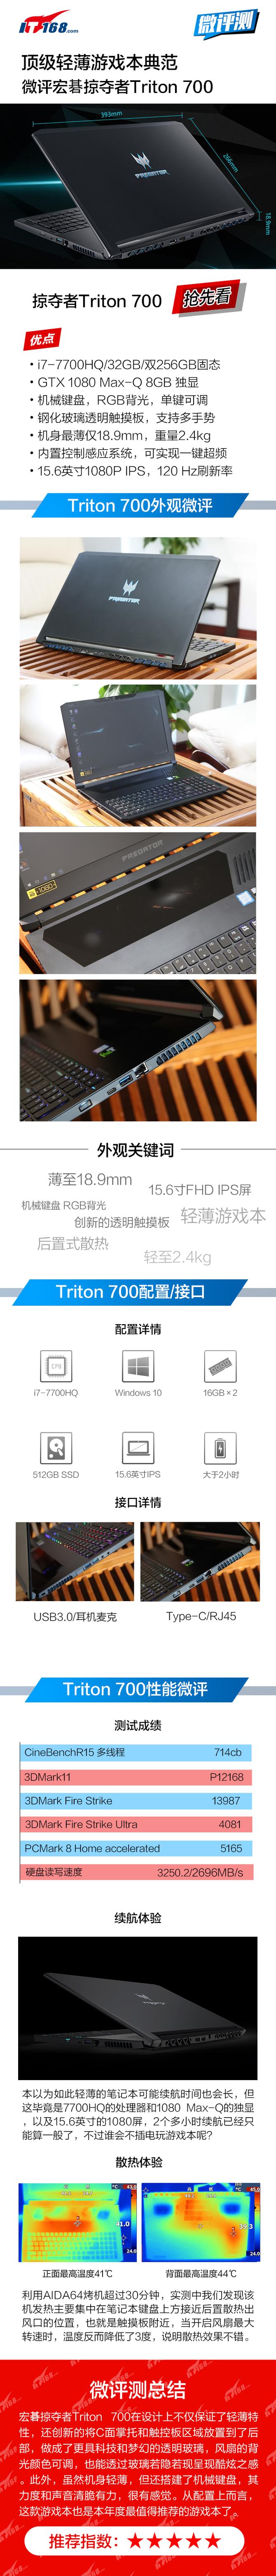 微评宏碁掠夺者Triton 700游戏本